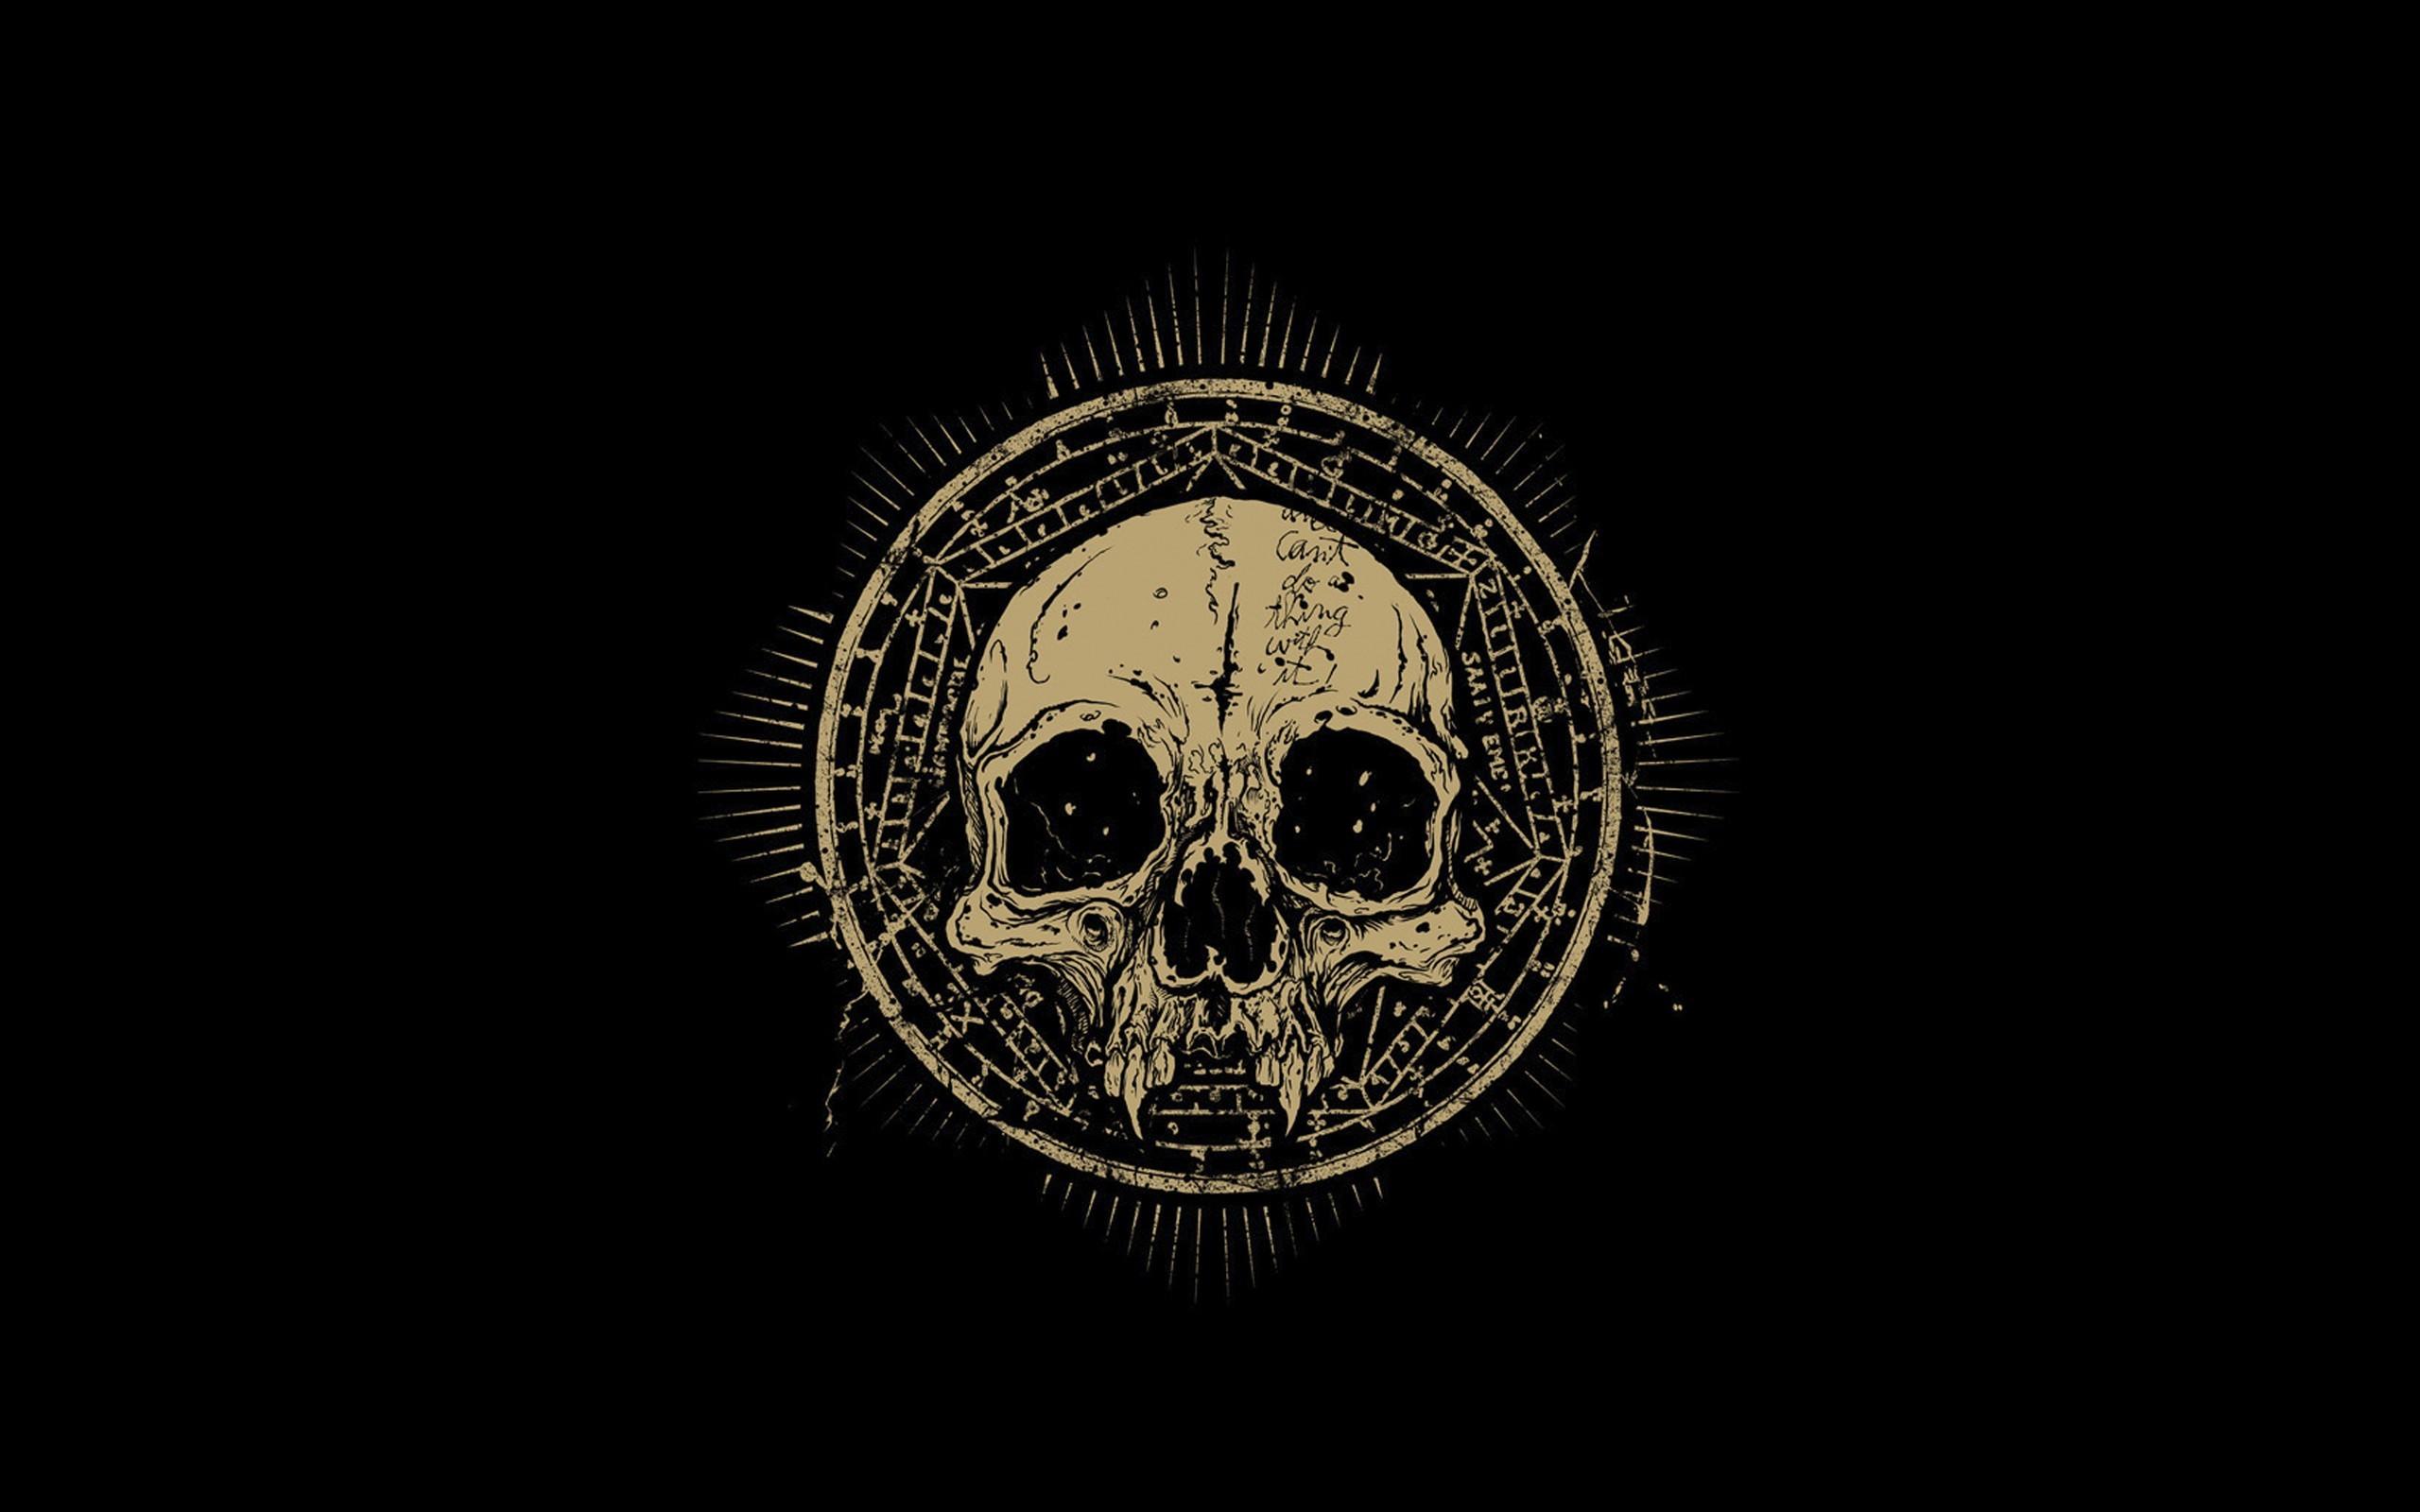 22506 скачать обои Фэнтези, Смерть, Скелеты - заставки и картинки бесплатно